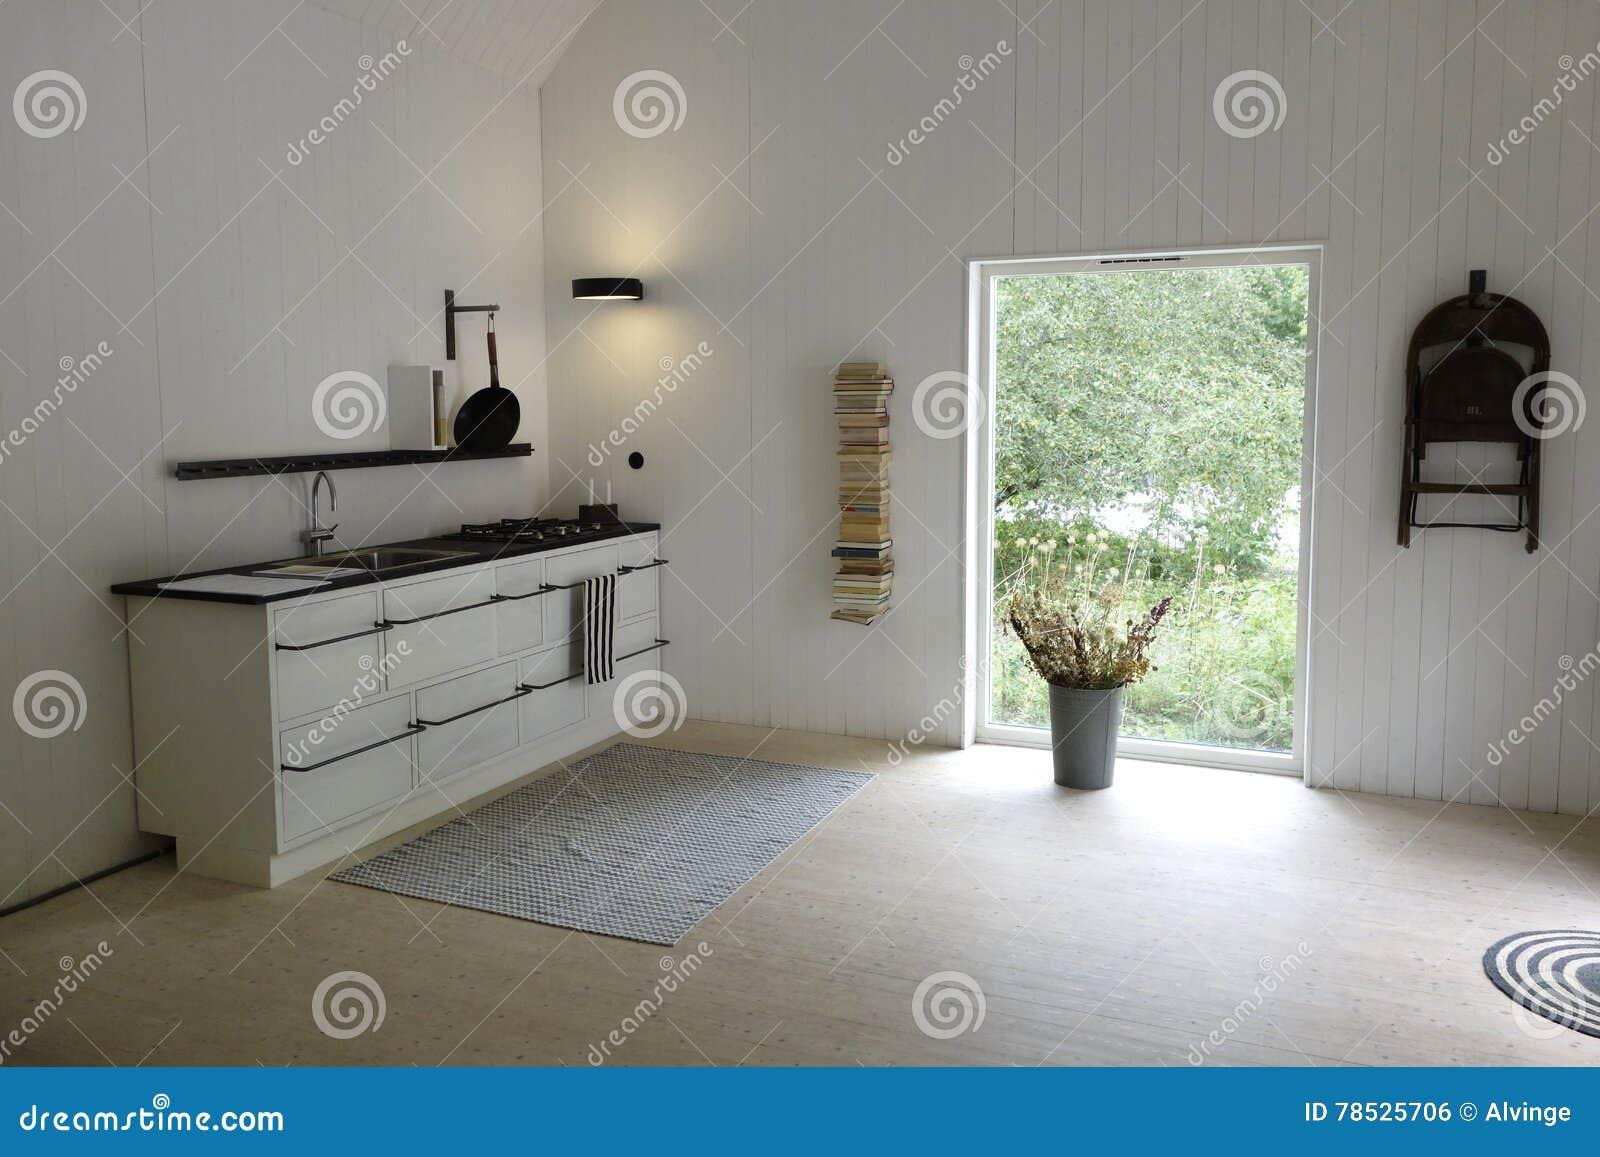 Keuken Interieur Scandinavisch : Natuurlijke lichte keuken in simplistisch skandinavisch ontwerp